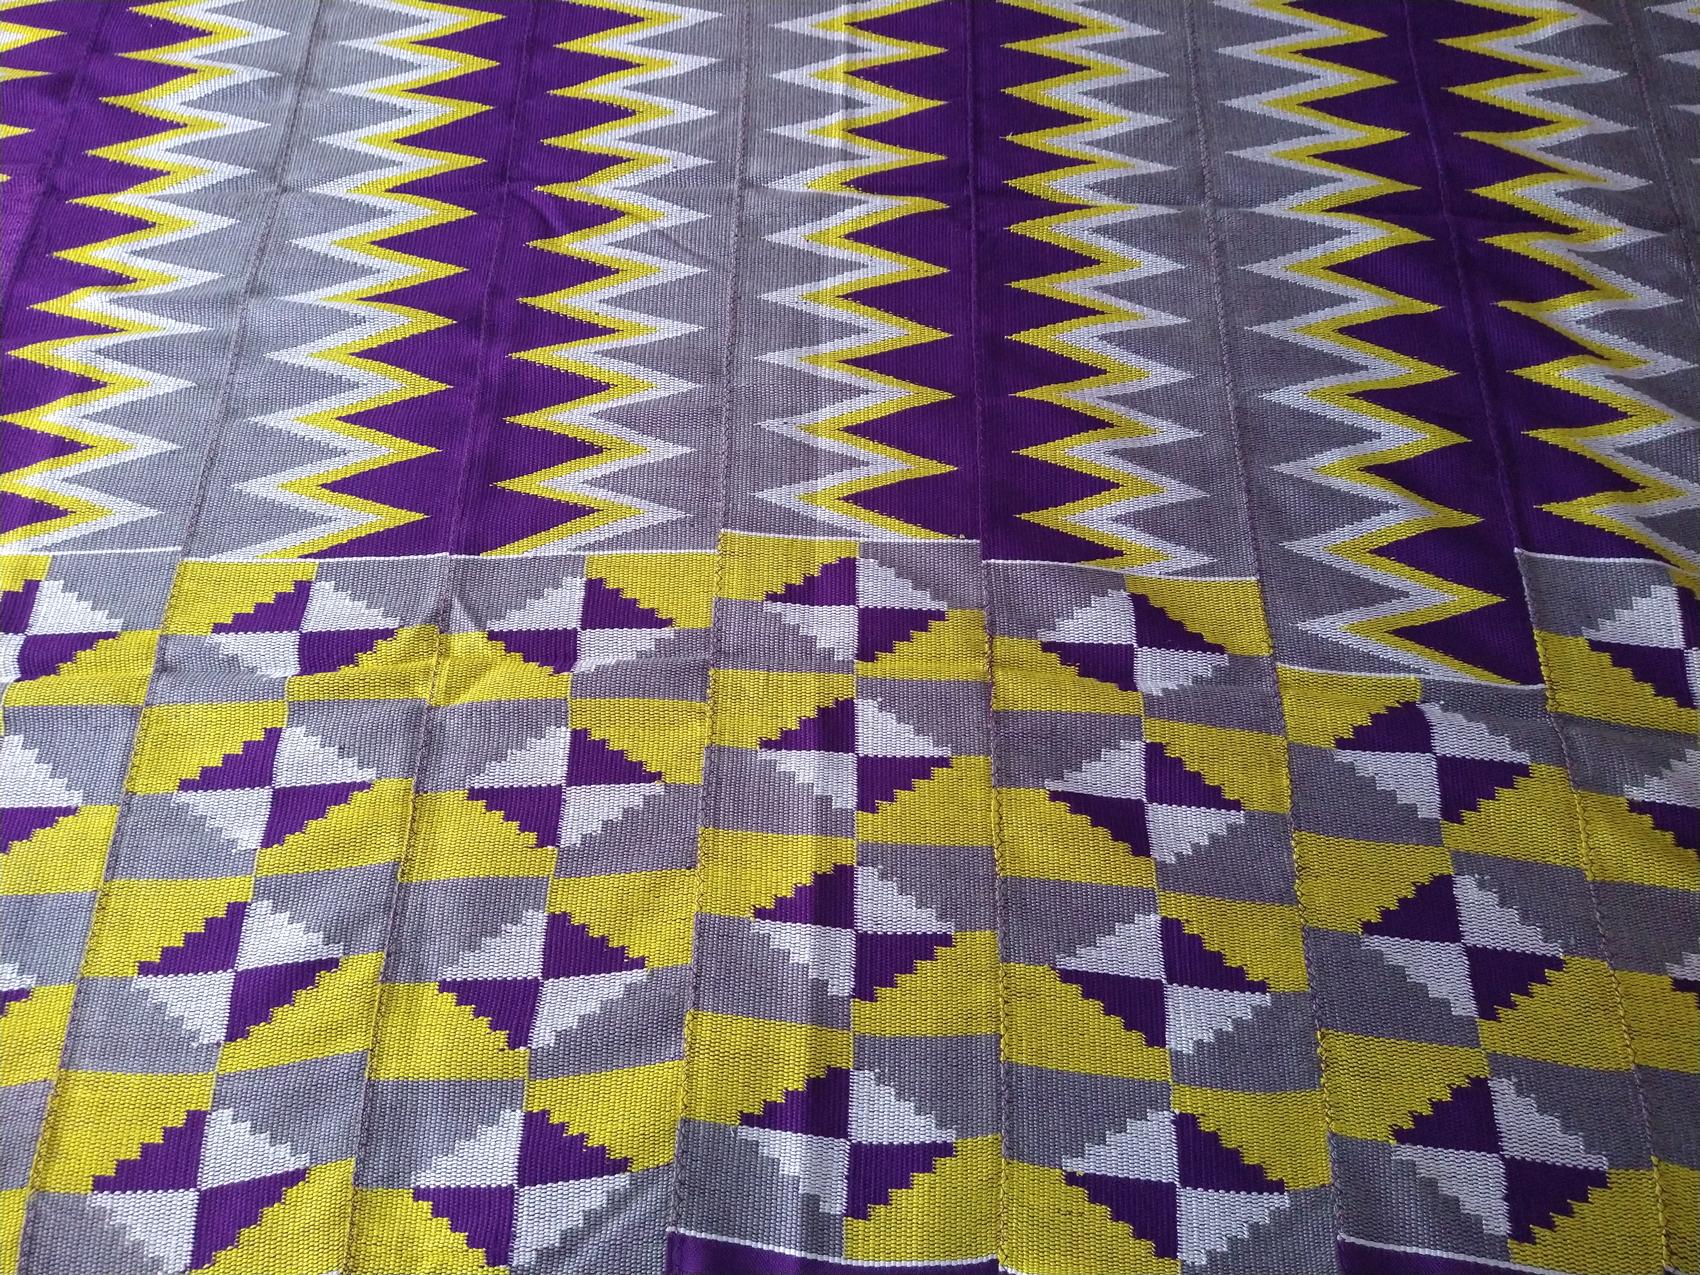 Purple-kente-cloth-view-2